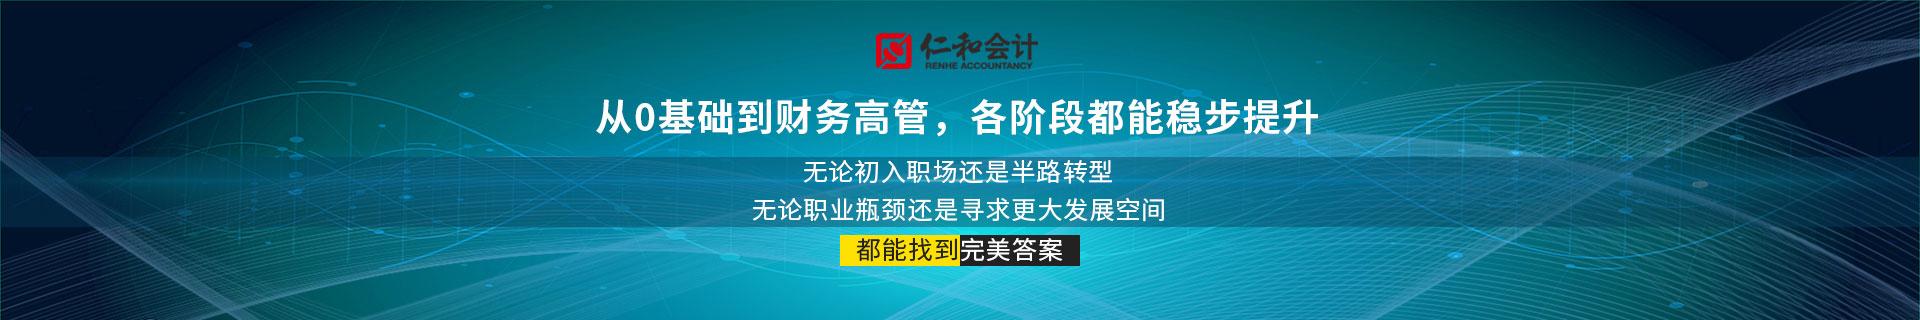 重庆巴南鱼洞仁和会计培训机构